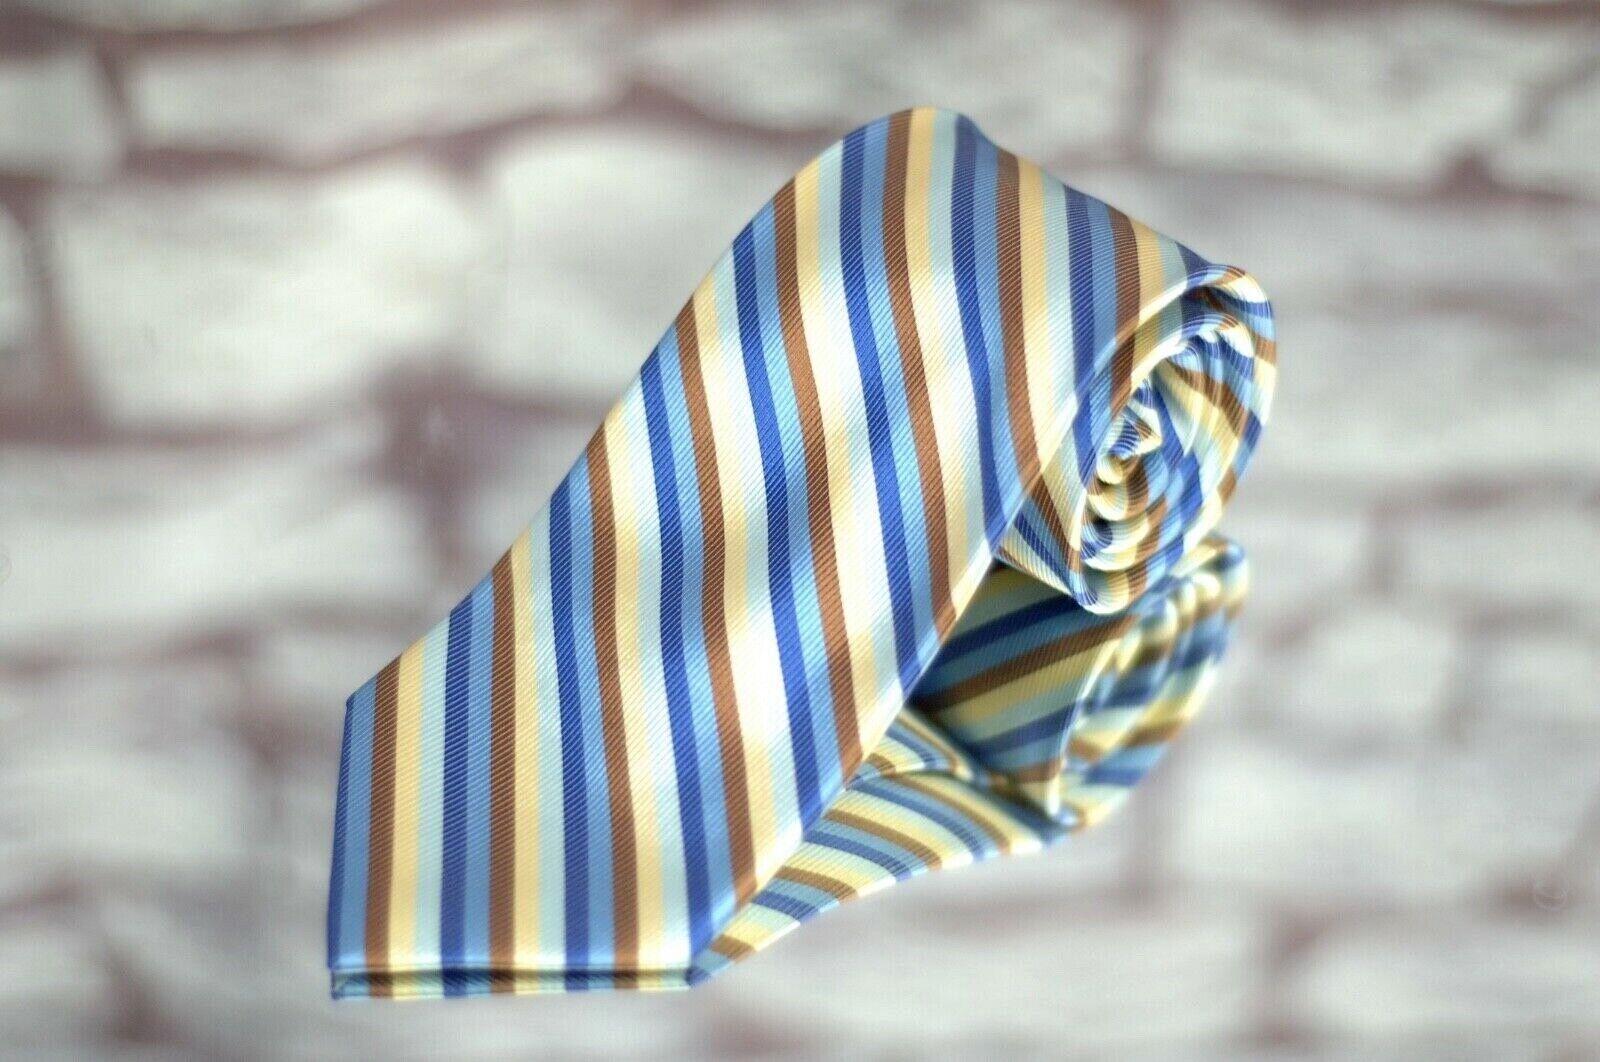 Jos. A.Bank Herren Unterschrift Krawatte Gelb Blau Braune Streifen Gewebt Seide